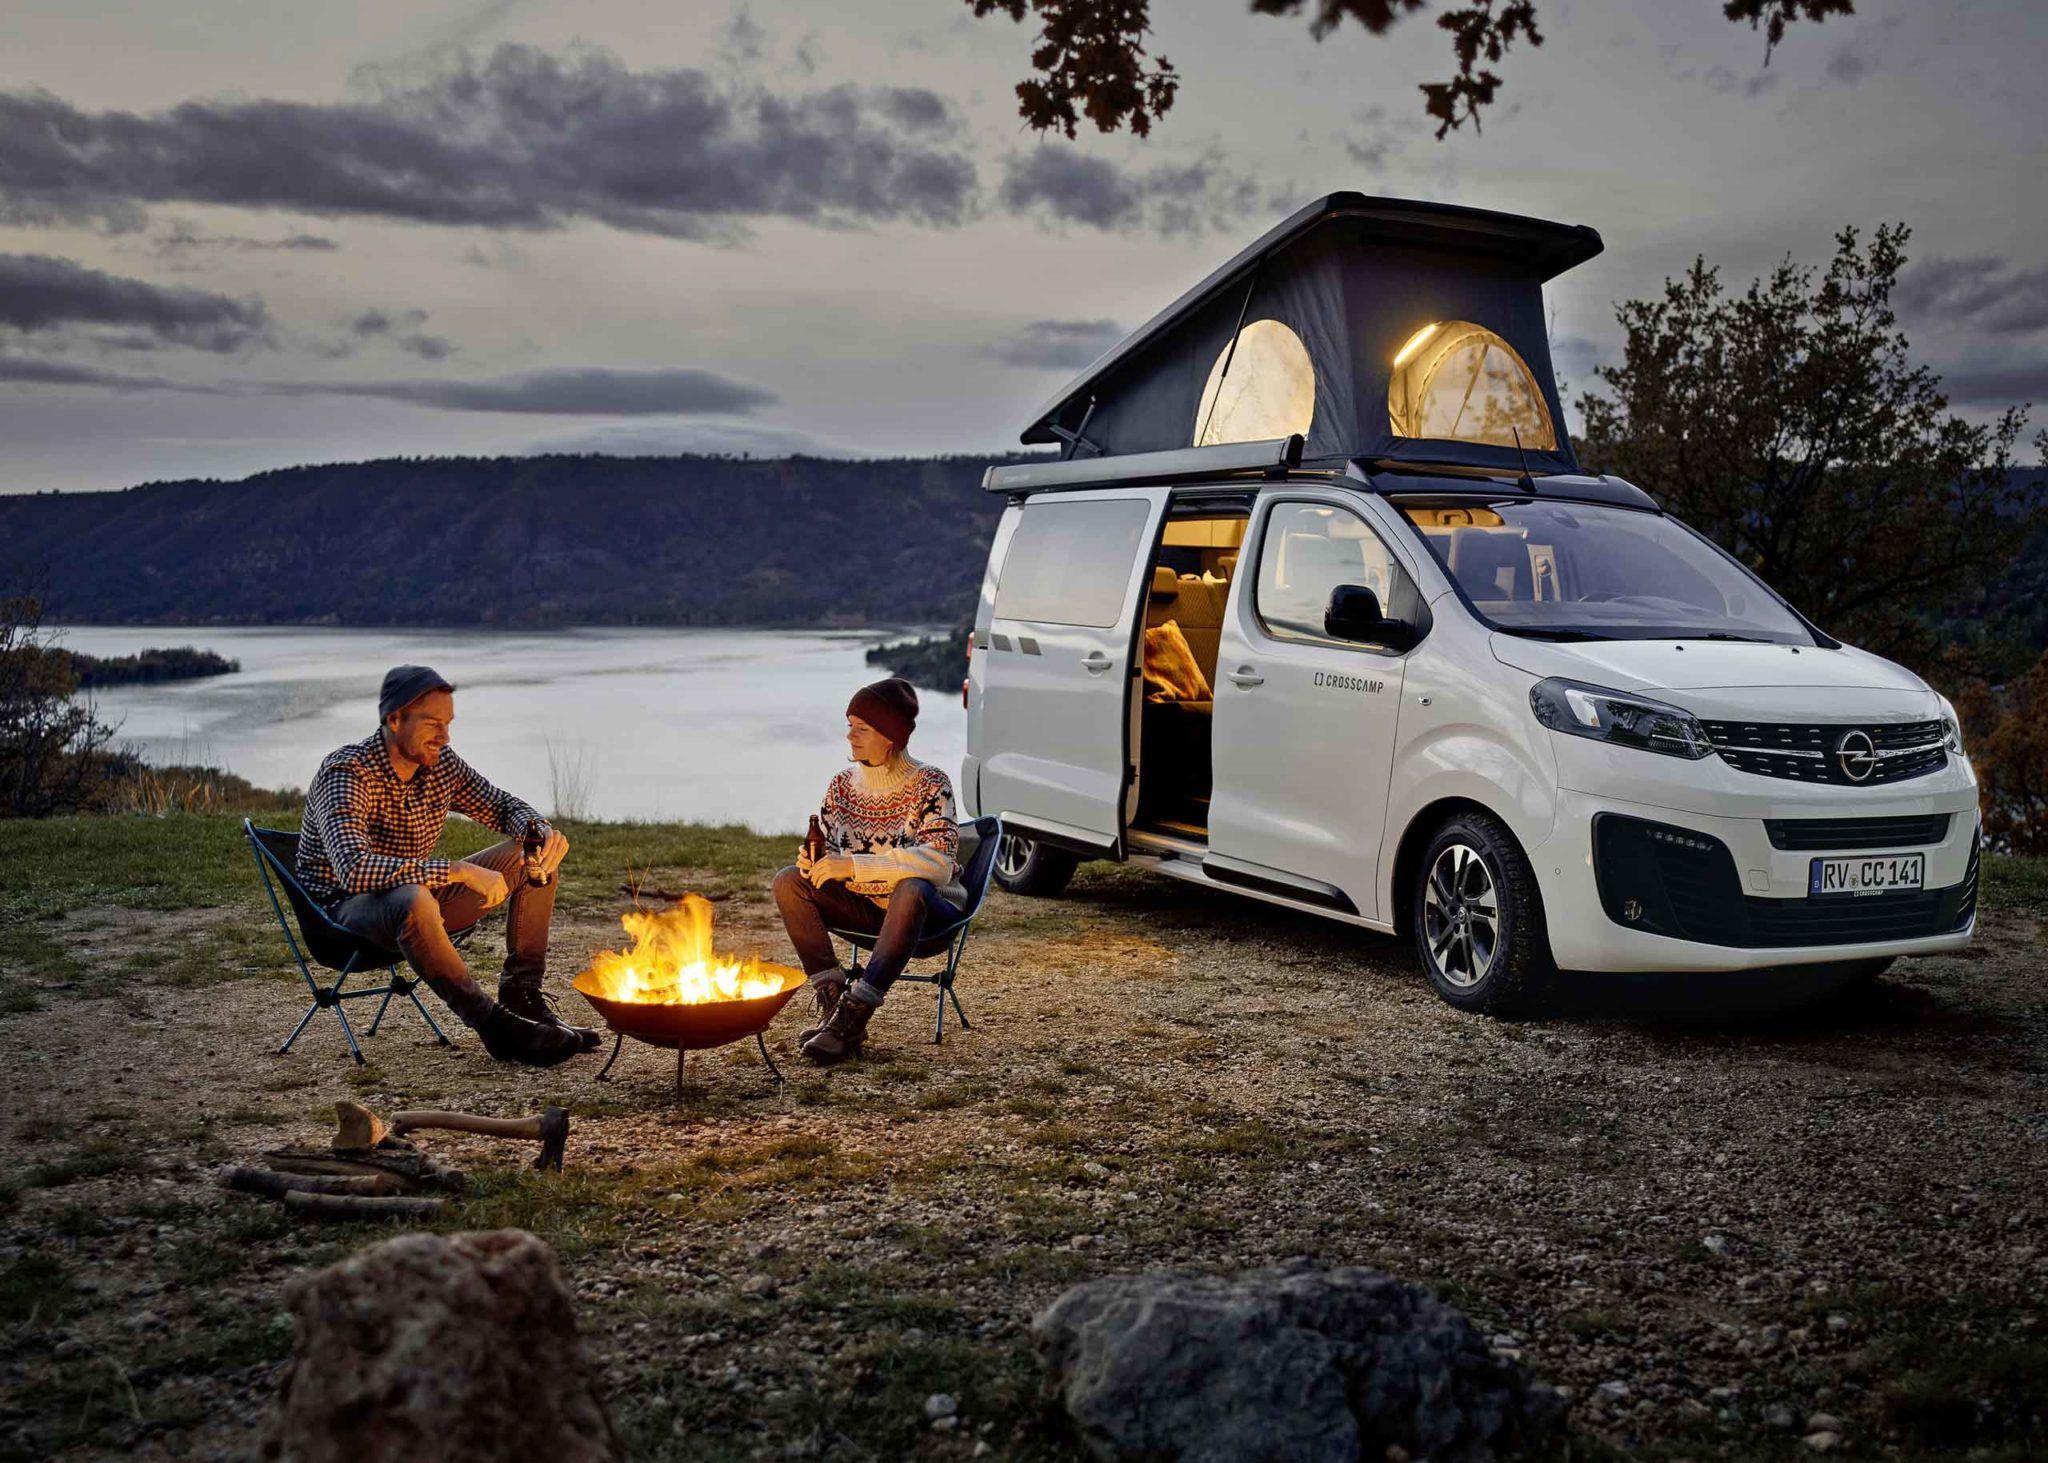 Mit Dem Opel Zafira Auf Camping Tour Fanaticar Magazin In 2020 Autohaus Aufstelldach Camper